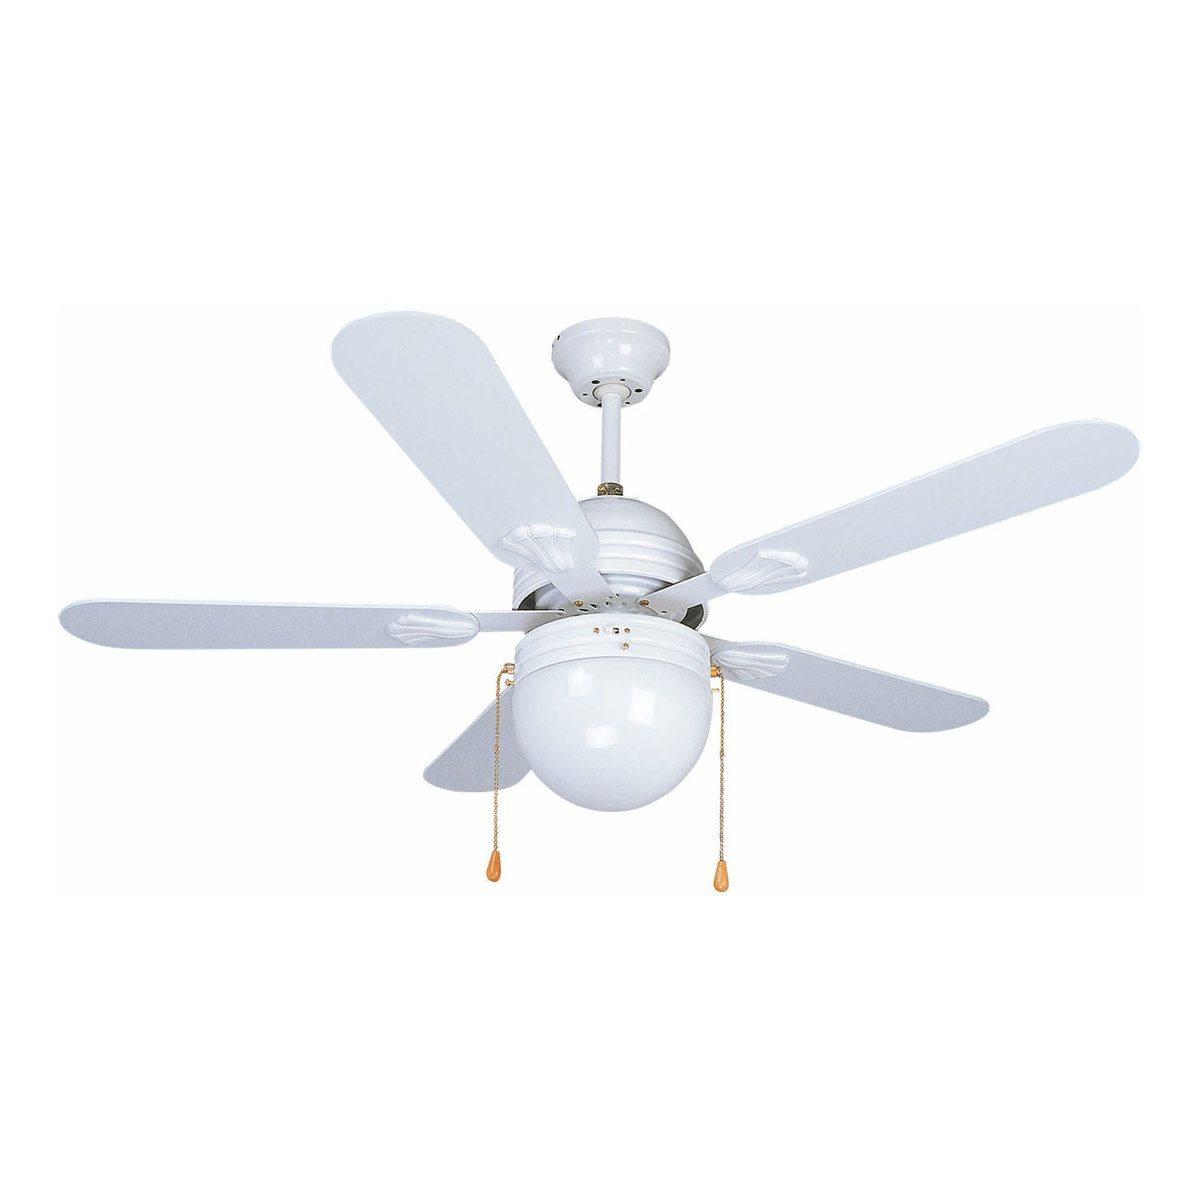 C mo elegir un ventilador de techo ventiladorestecho - El mejor ventilador de techo ...